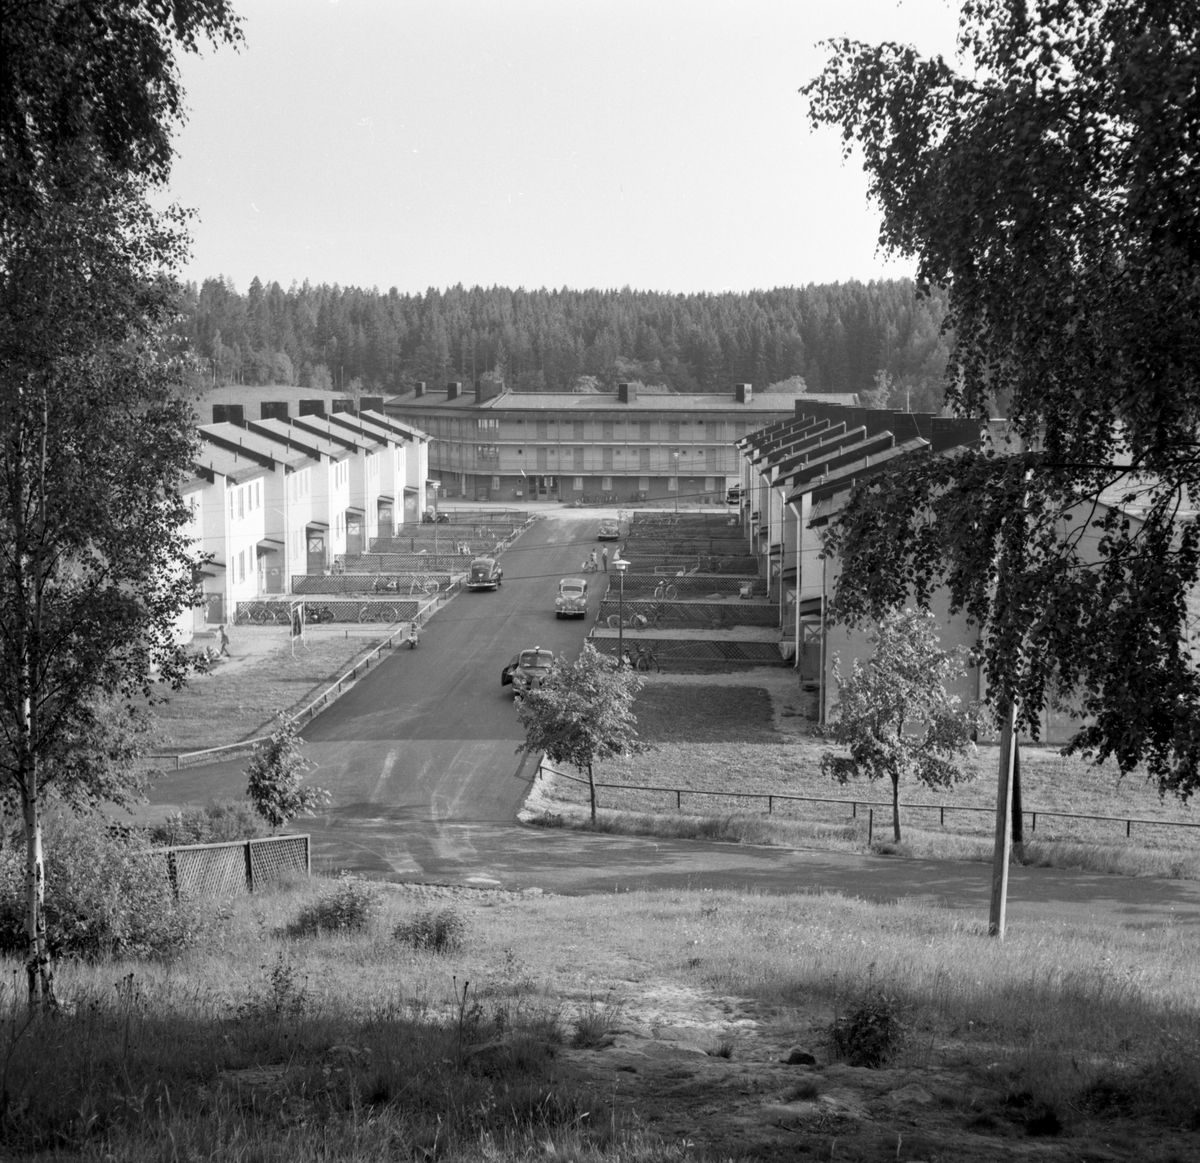 """Någonstans i Värmland - från slutet av 1950-talet.  Kommentar från en användare: Älvenäs, gatan rakt fram är Spinnaregatan, och längst ner ligger ungkarlshotellet. Alla husen är rivna men gatan finns kvar! Jag bodde i det vänstra huset 1966. Bakom granskogen går i dag E18 fram. Ungkarlshotellet kallades också i folkmun för """"Sing Sing""""p.g.a sin utformning."""